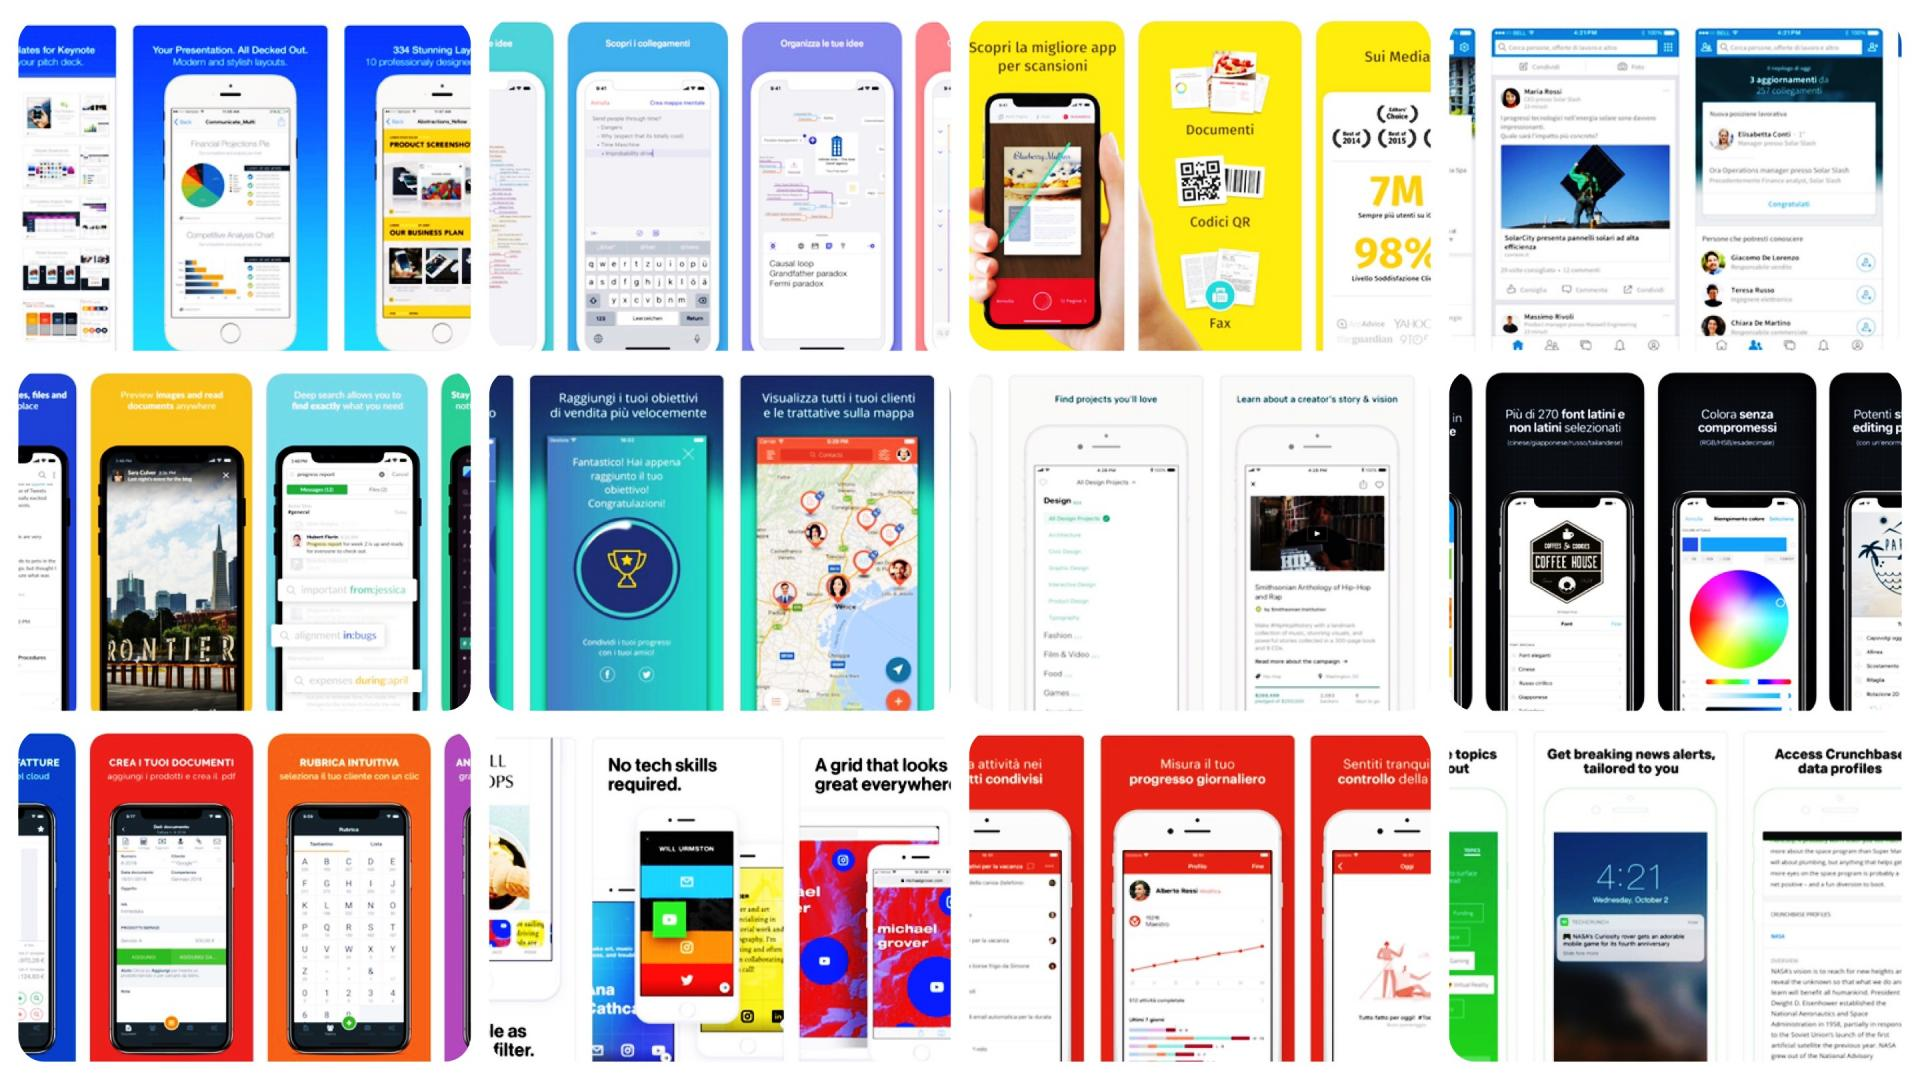 Le migliori app per Startup, consigliate da Apple